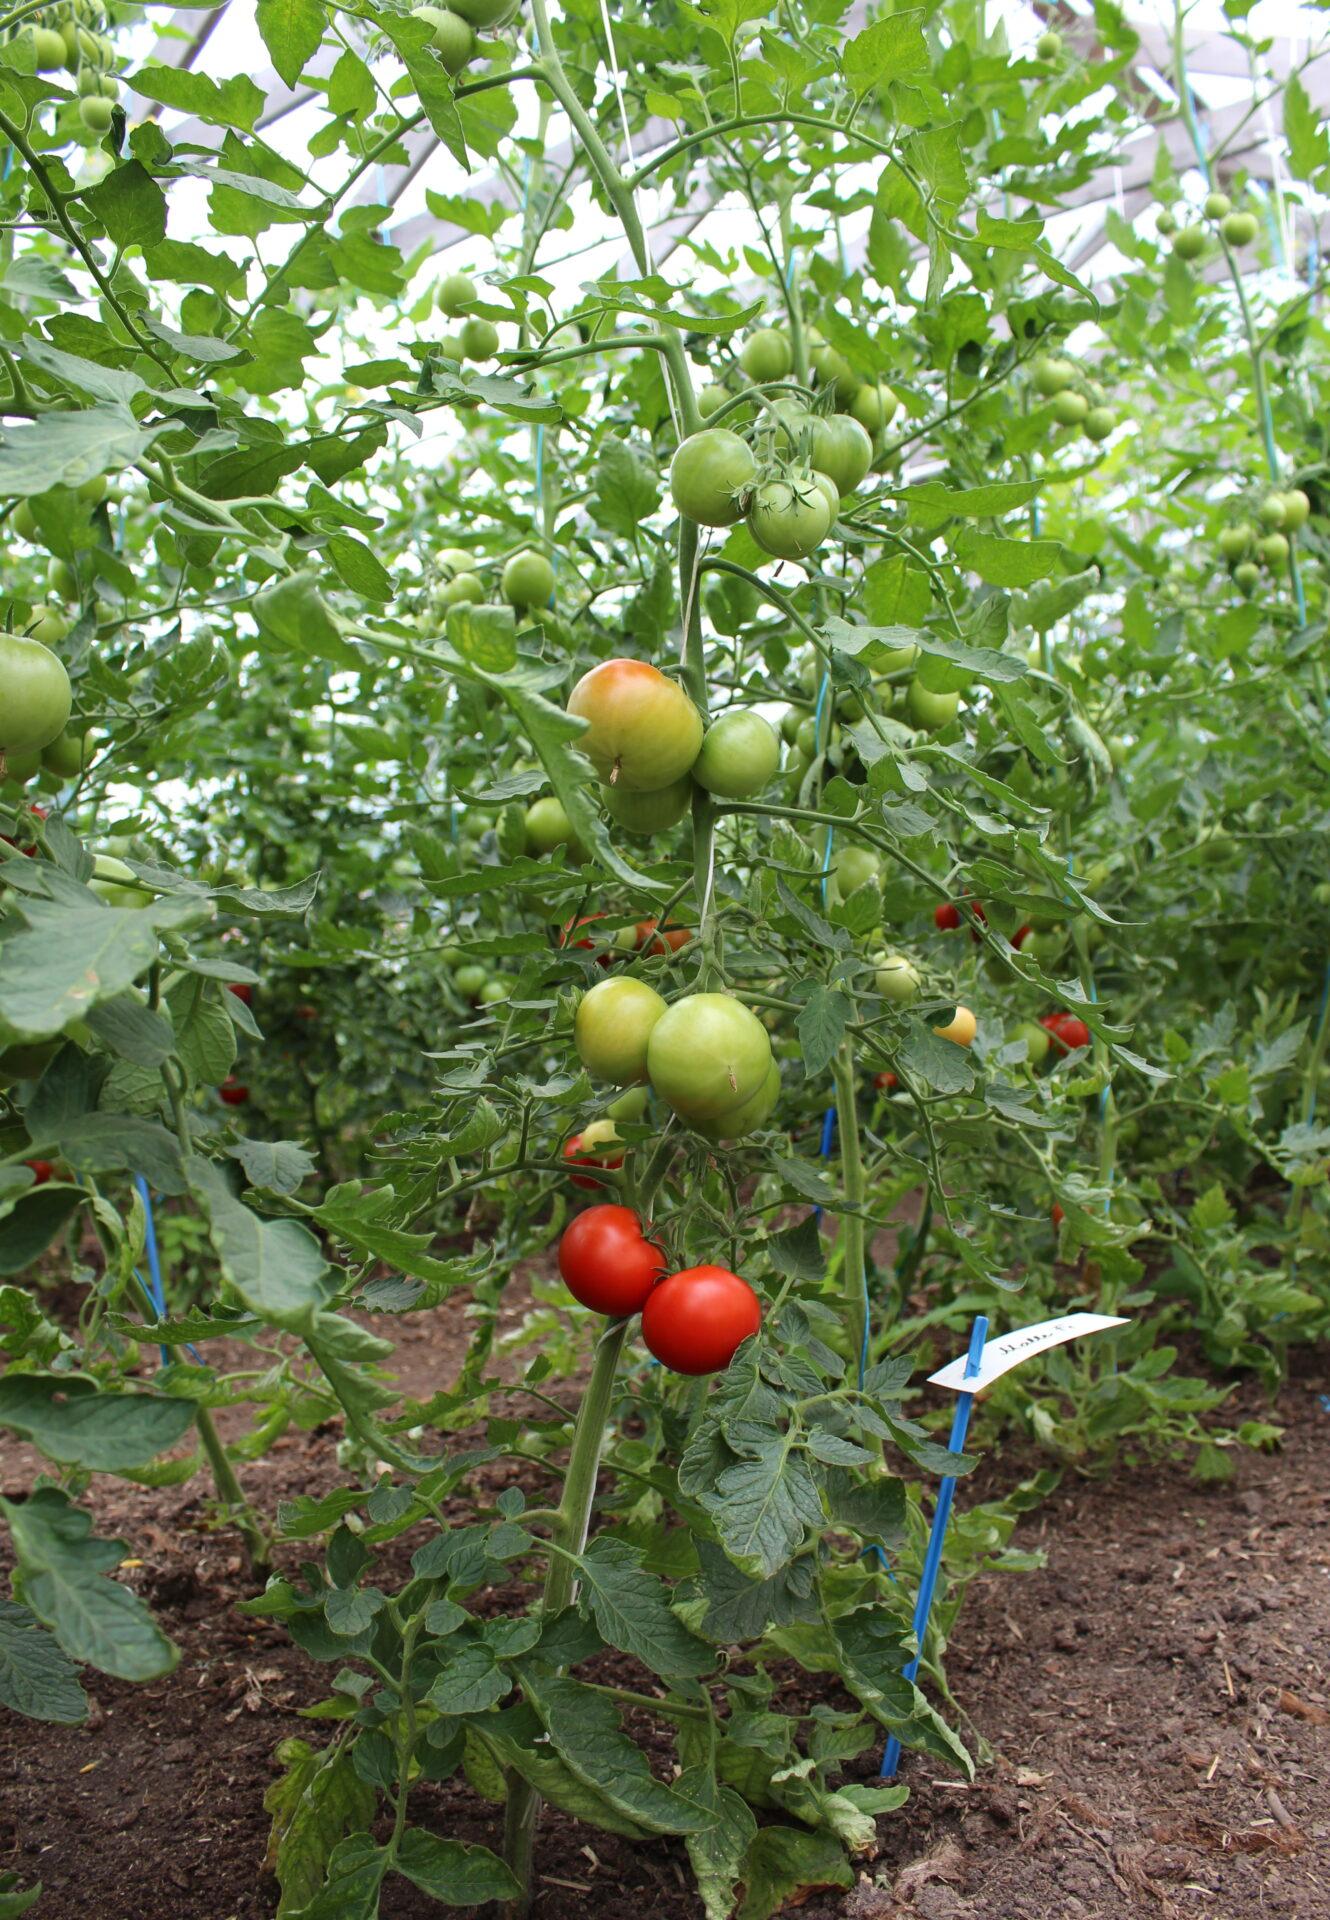 Malle tomat kõrge